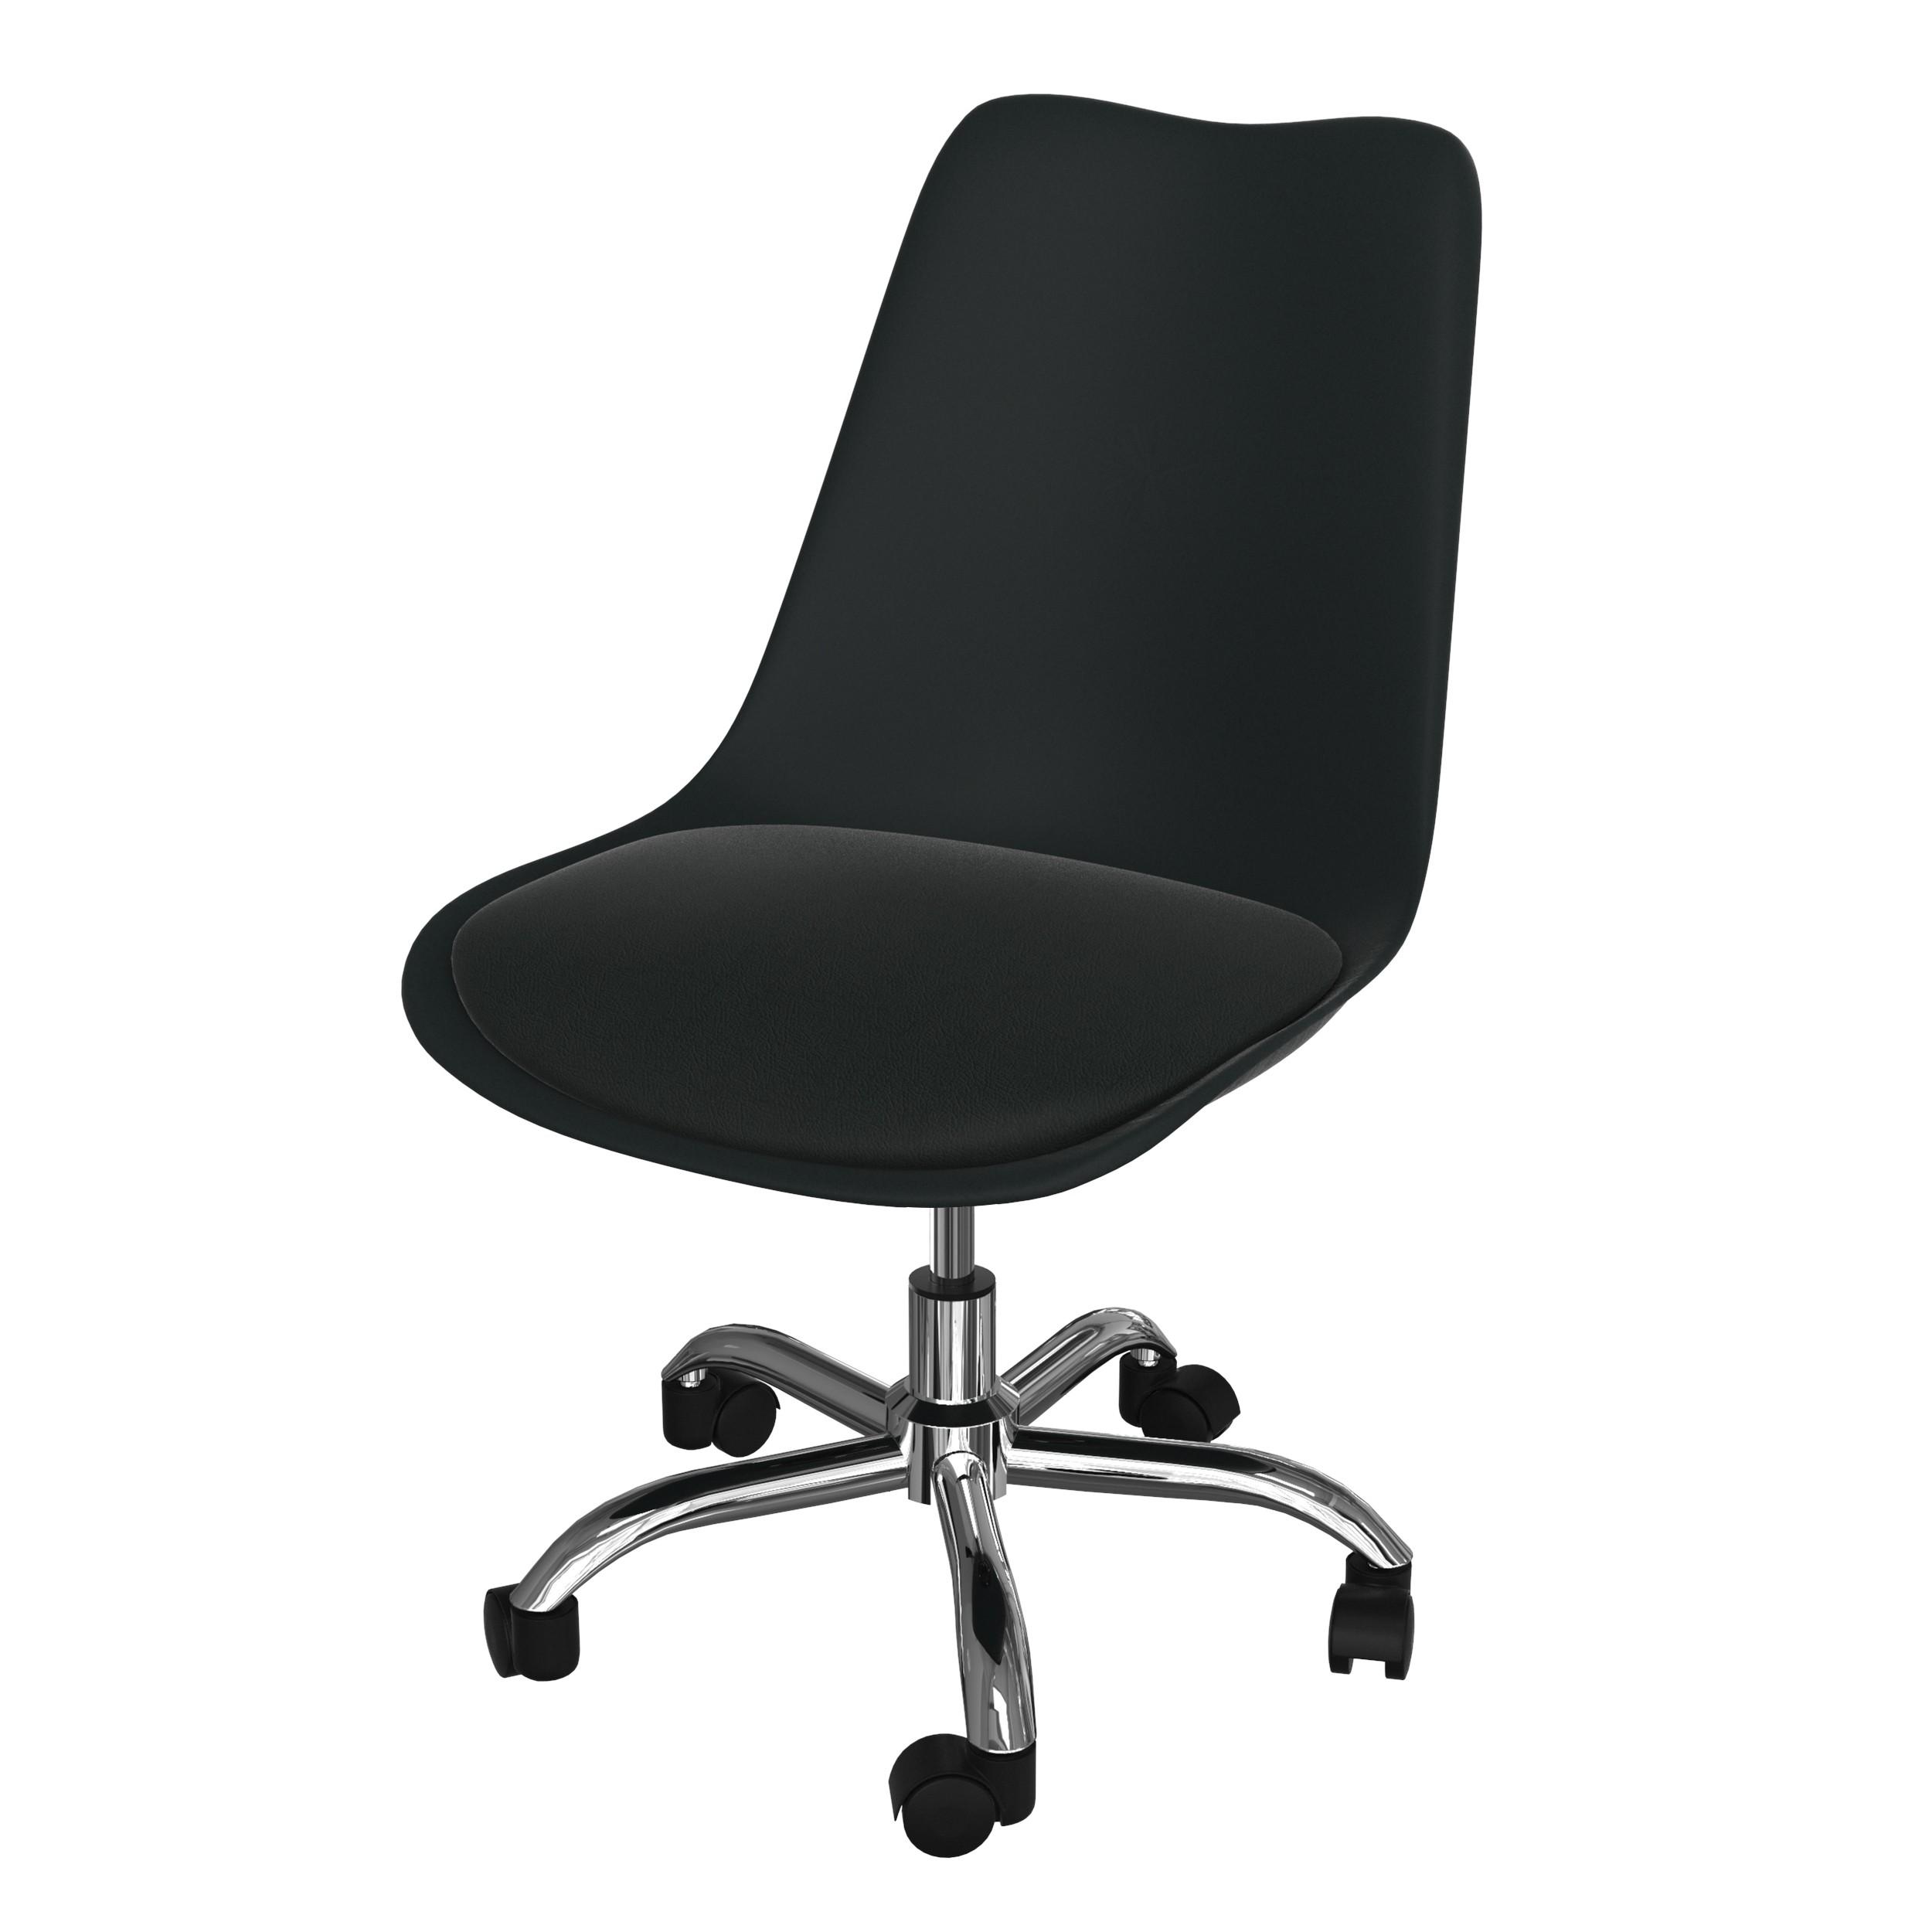 achat chaise de bureau scandinave noire